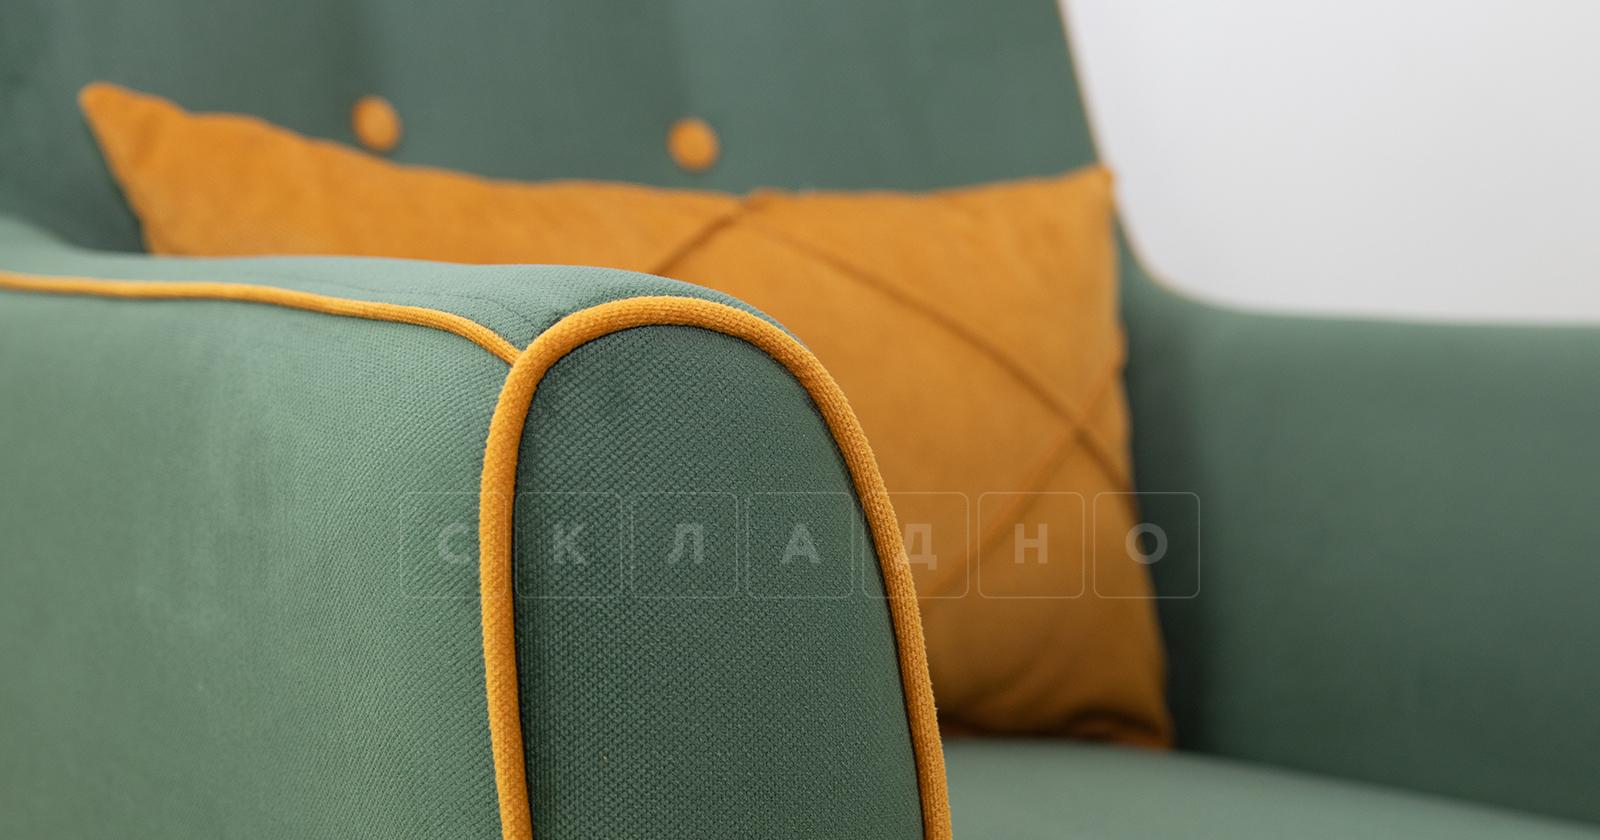 Кресло для отдыха Флэтфорд нефритовый зеленый фото 7 | интернет-магазин Складно